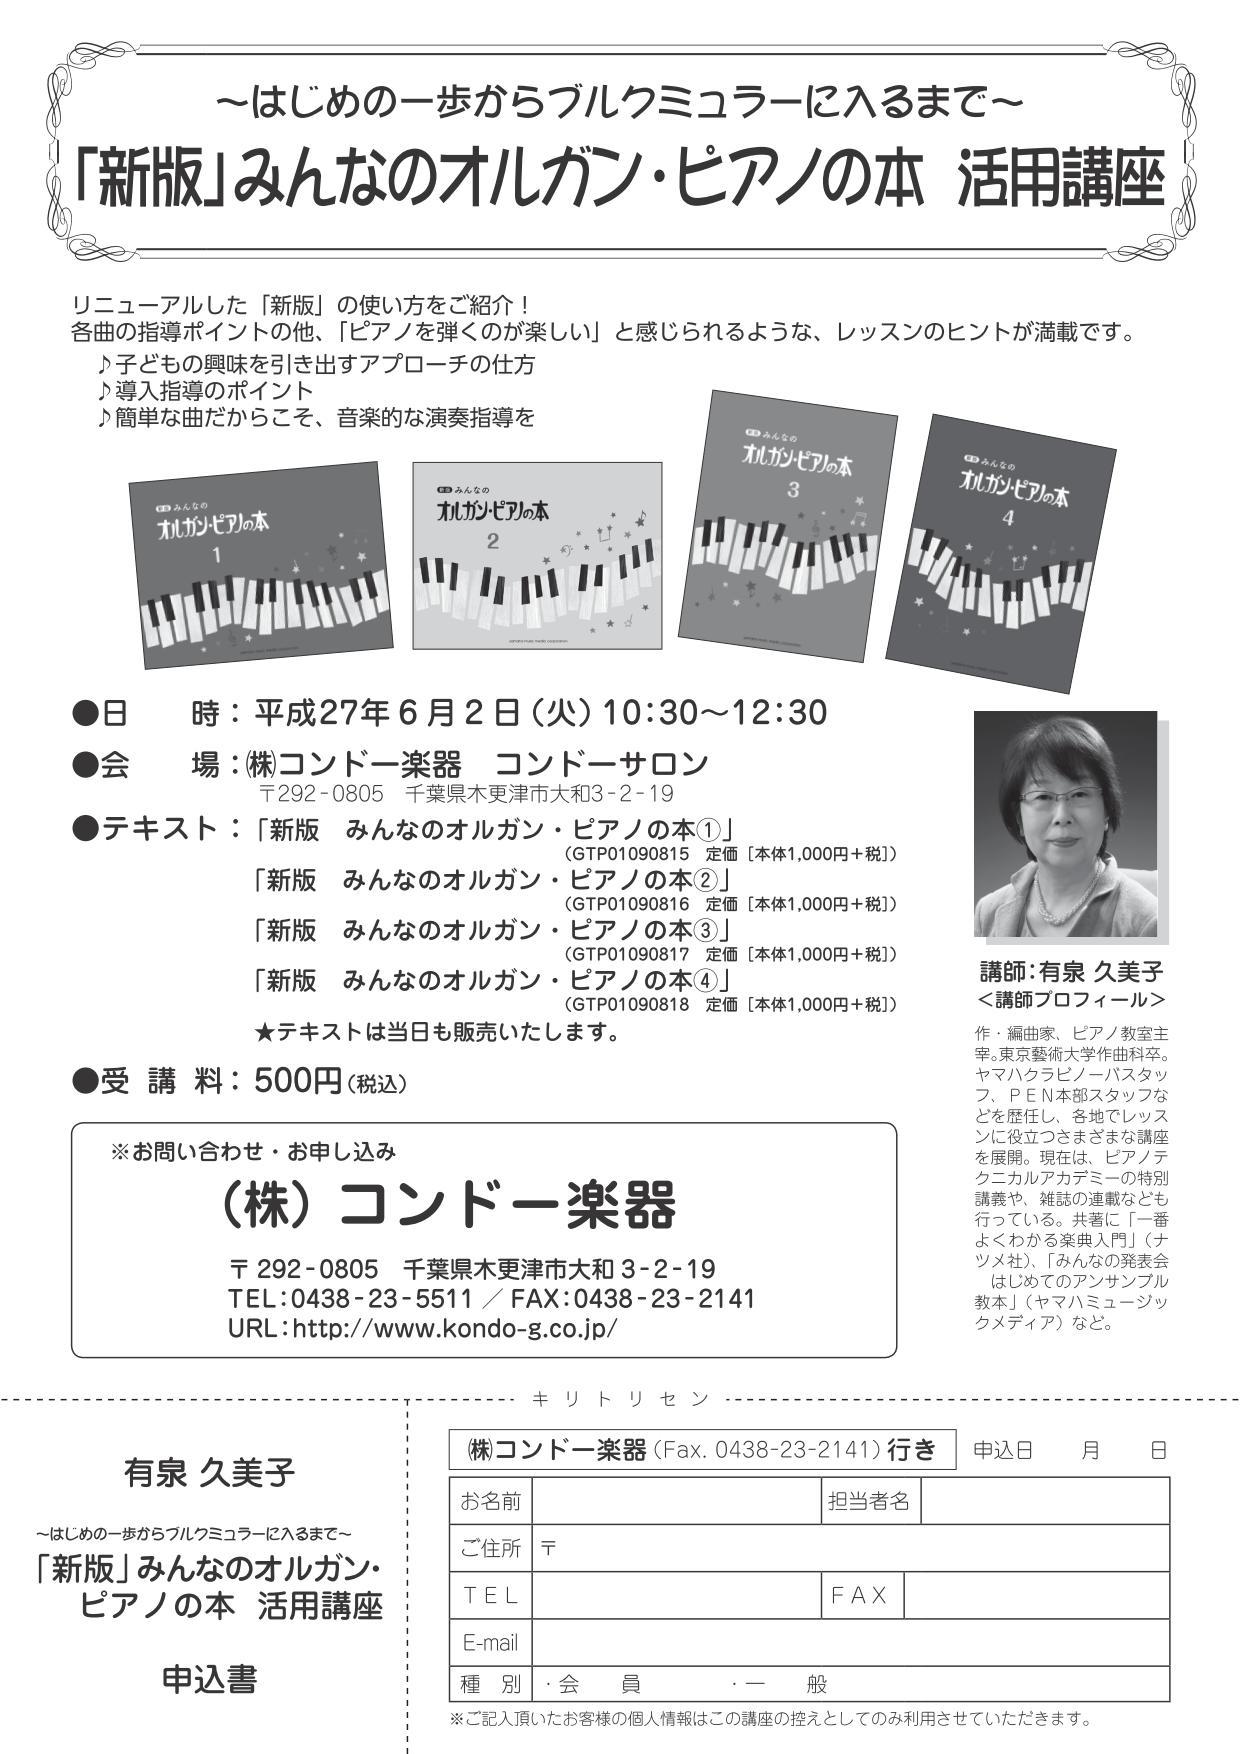 15.04有泉-コンドー楽器_01